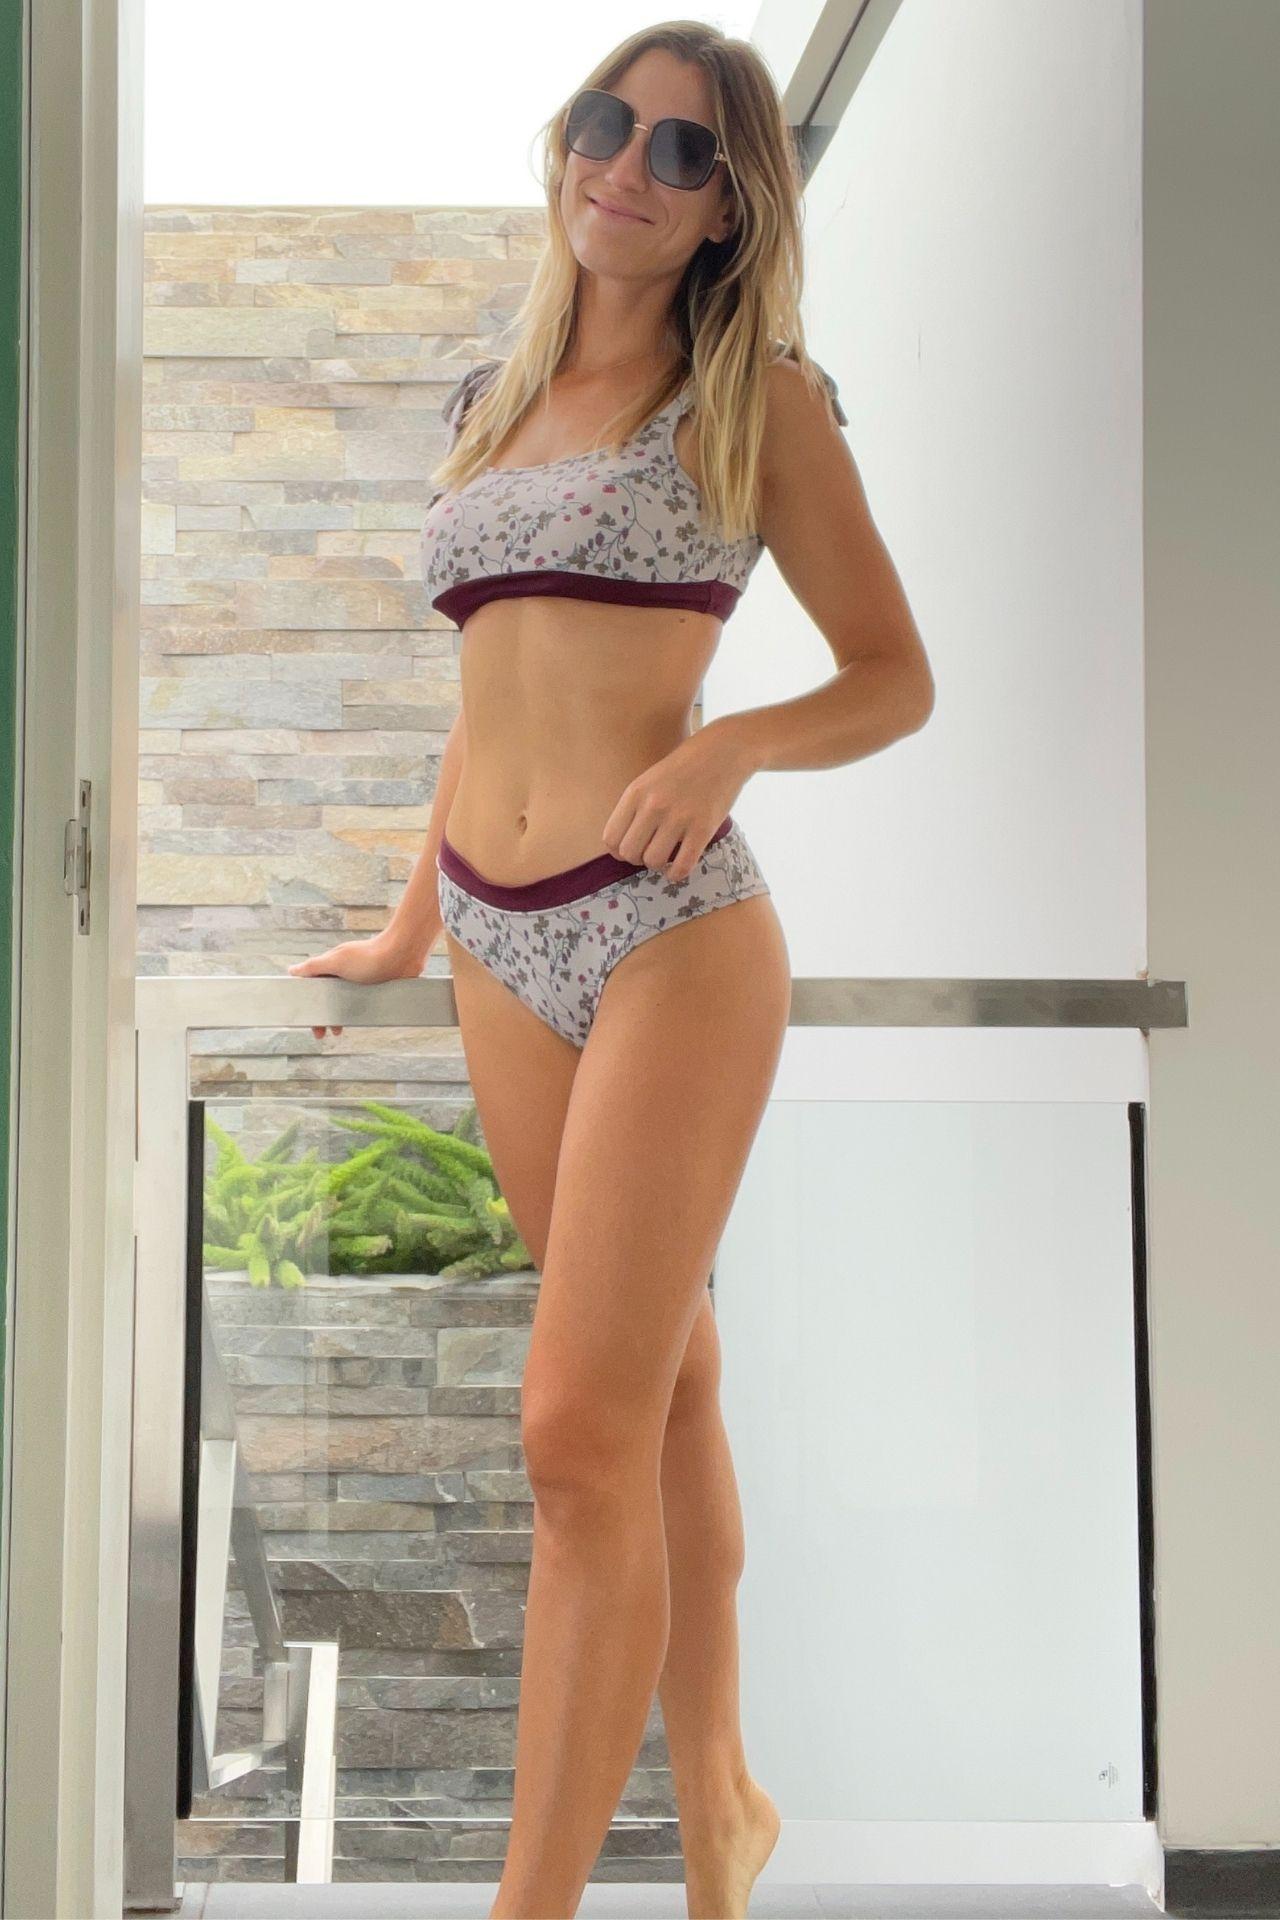 ¿Buscando bikinis cómodos, diferentes y súper coquetos? Encuentra los bikinis de Maja Since 2020hechos en Perú con lycras españolas de alta cálidad. Bottom cheekie para mayor cómodidad y top ajustable con lazos a los hombros para darle un look muychic.  Utilizalo en la playa o en la piscina para un buen día de sol.  Colores: Rosado, Verde, Azul y Morado.  Tallas: S y M.